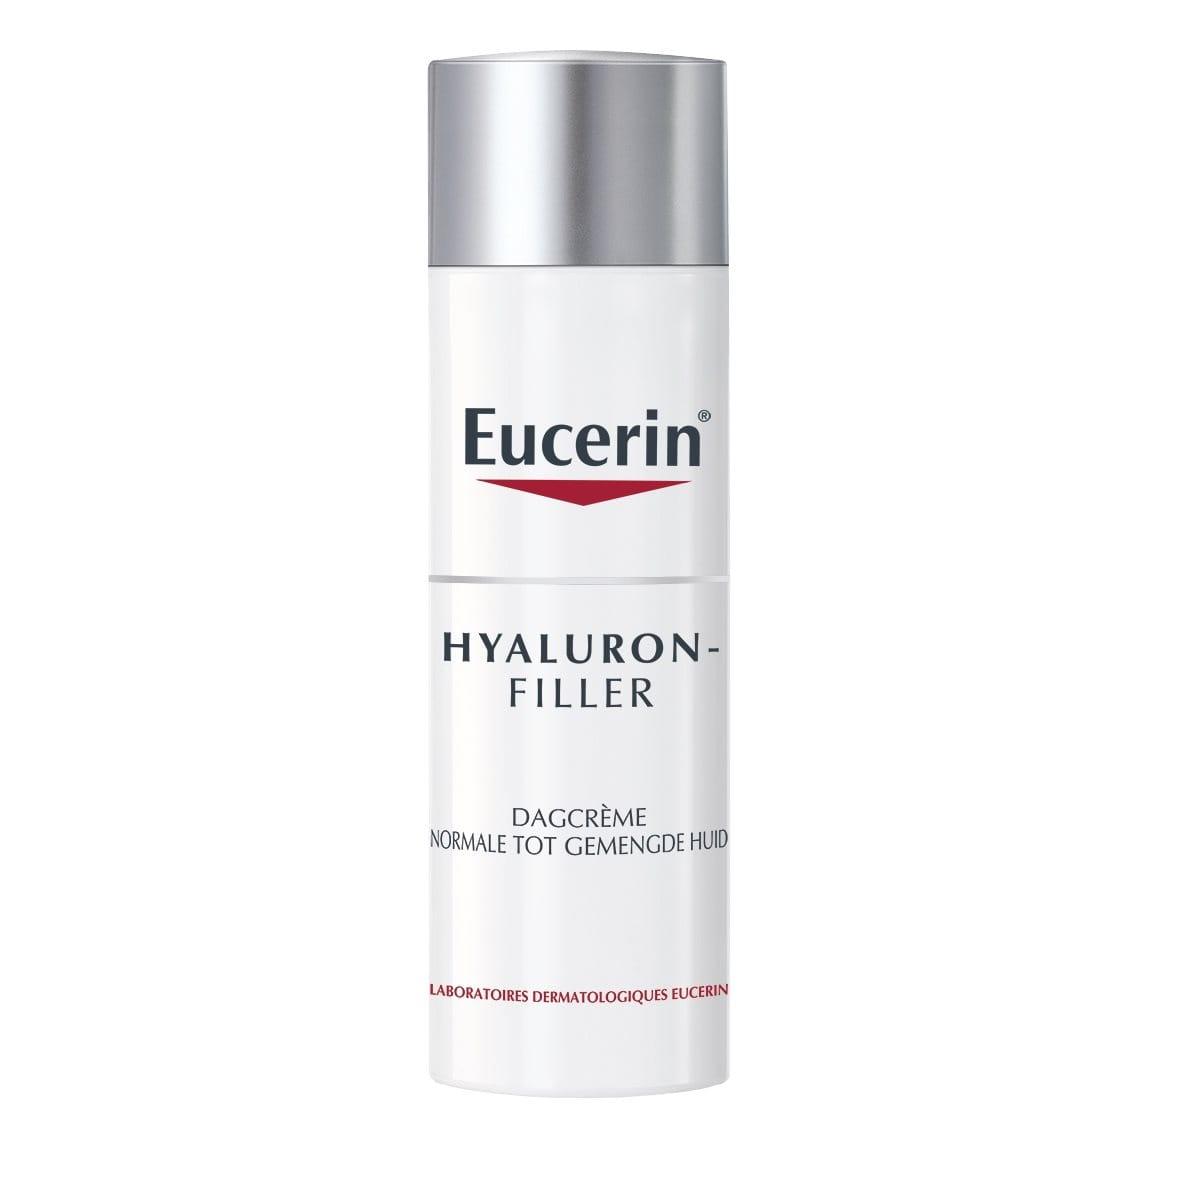 Hyaluron-Filler Dagcrème voor de normale tot gecombineerde huid | Eucerin